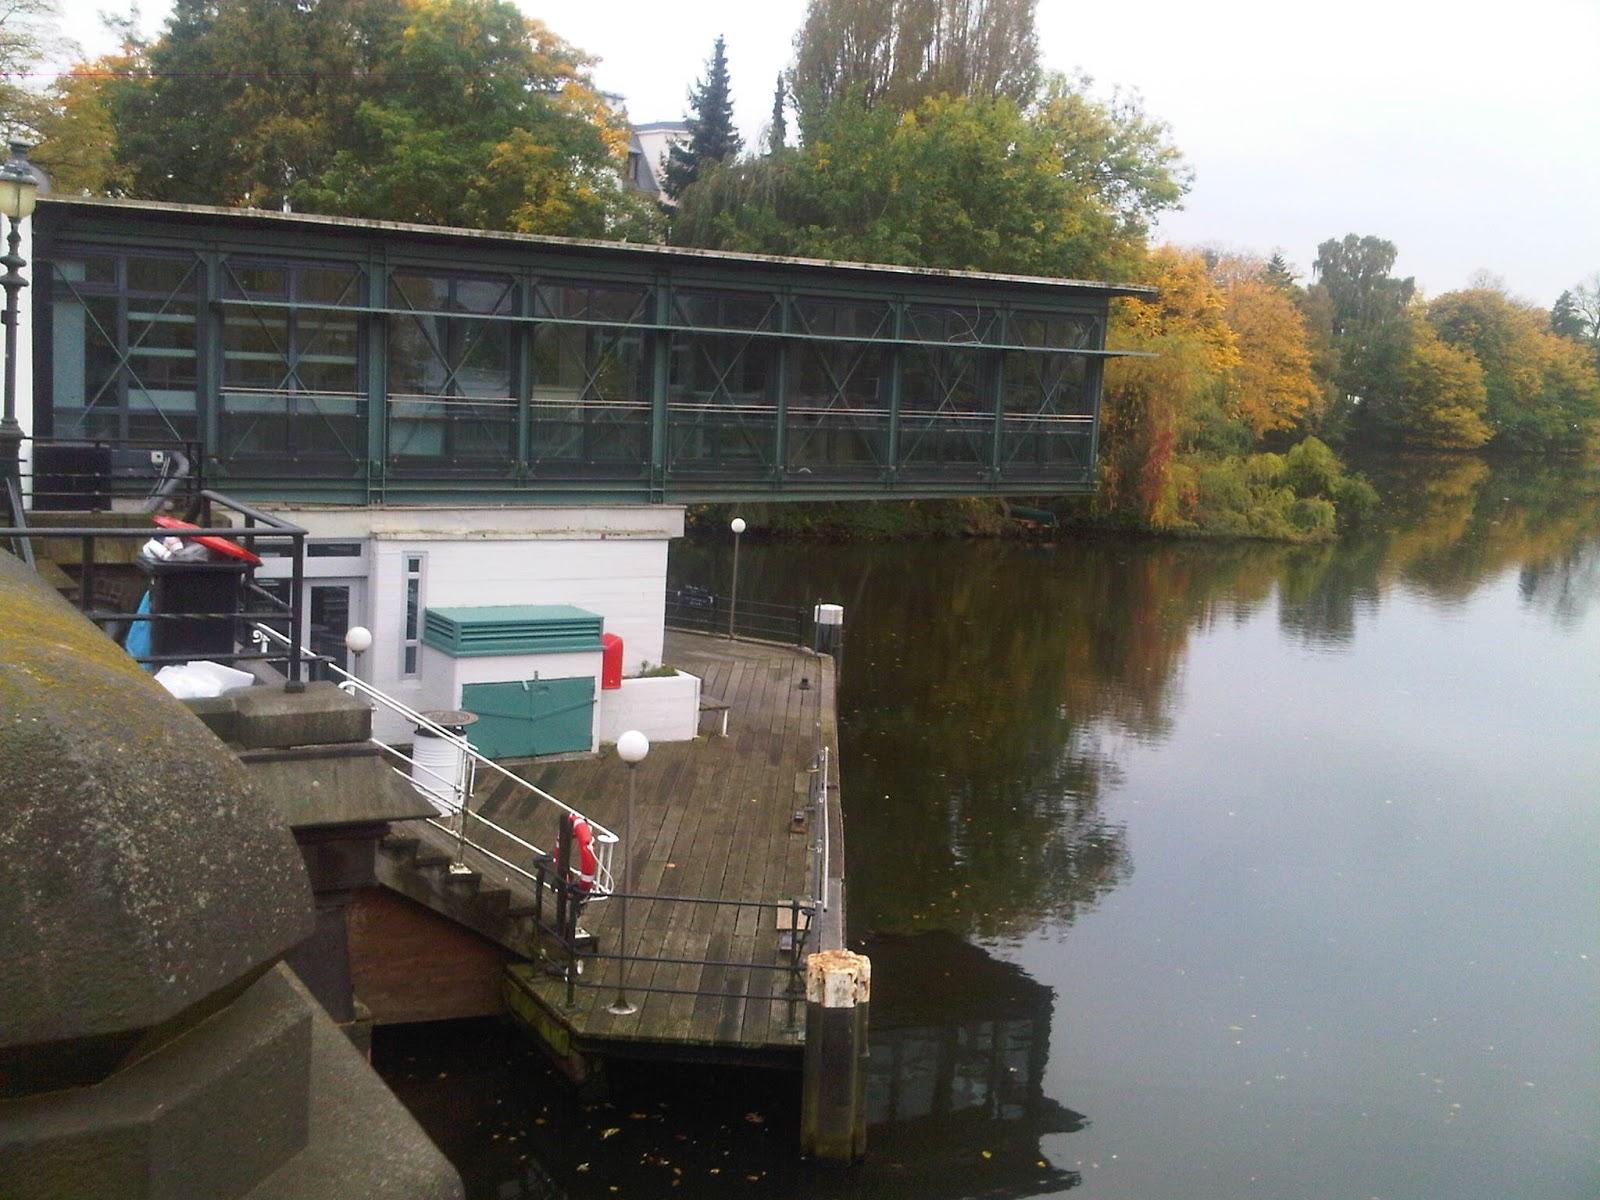 Fleet in Uhlenhorst - Wasserspiegelung - Herbstlaub - Schleuse